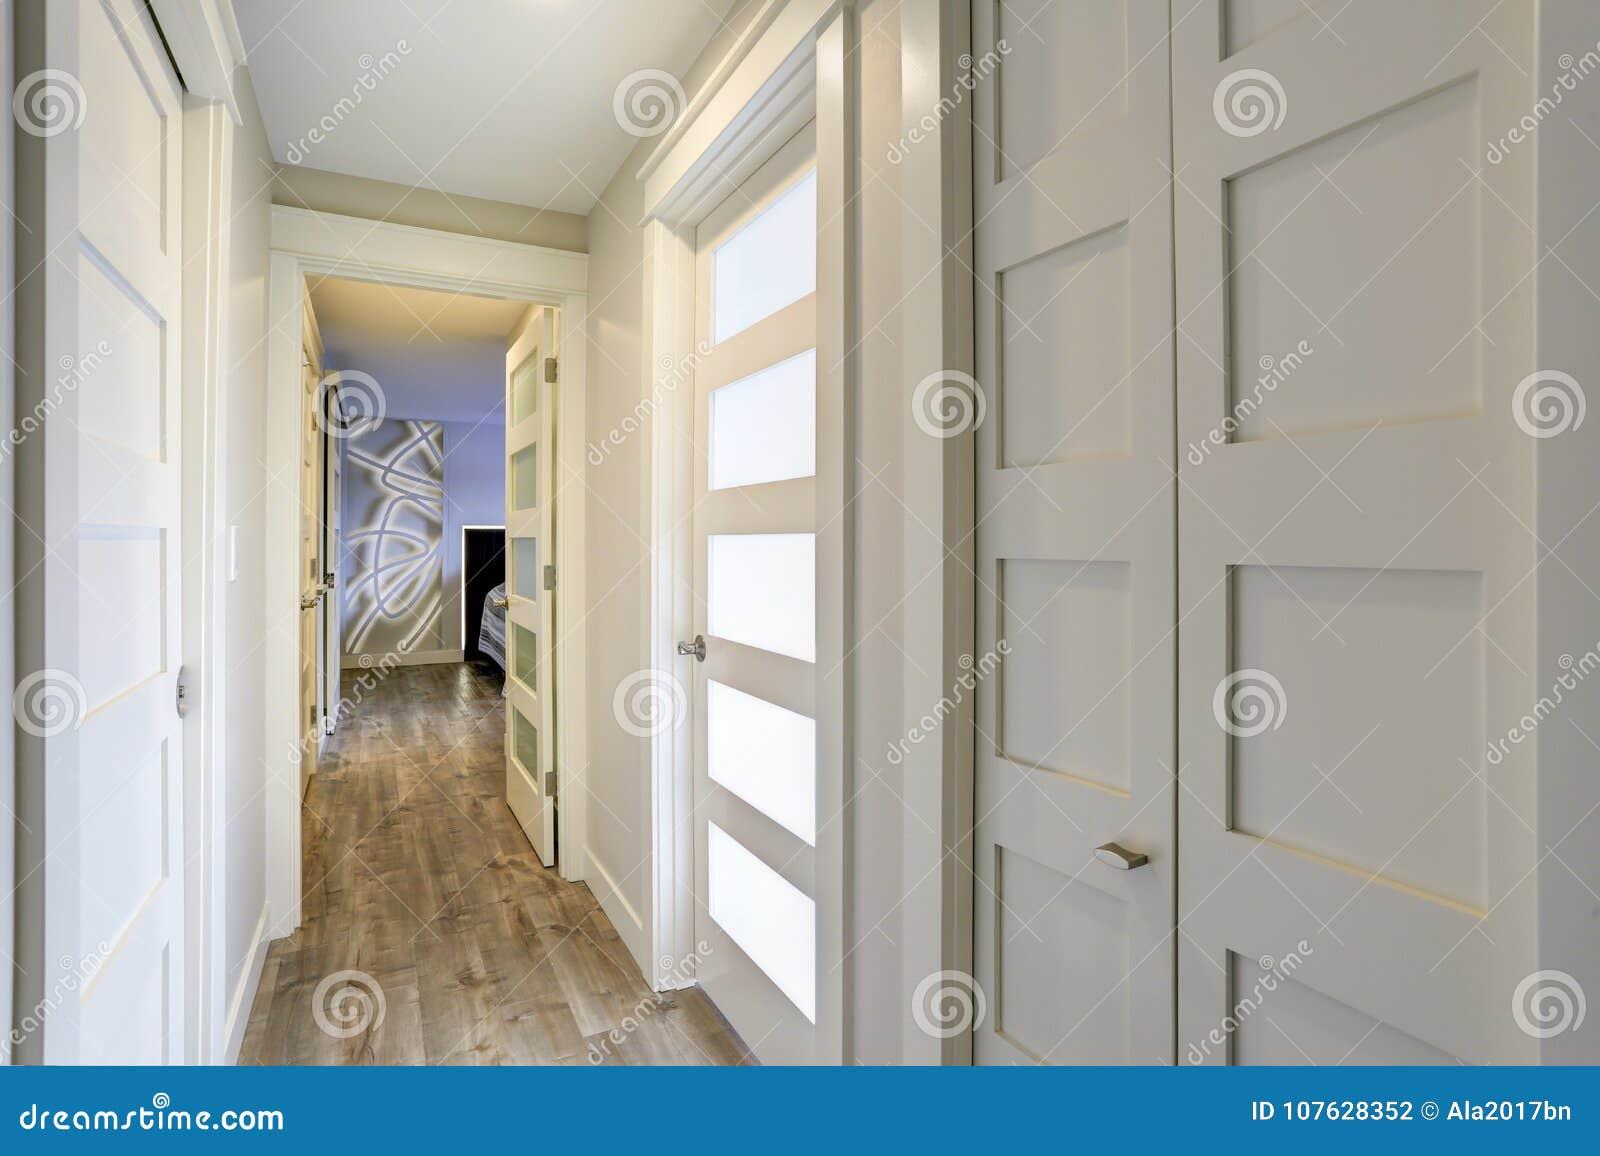 Corridoio Lungo Stretto : Corridoio lungo e stretto con le porte bianche accentate con i